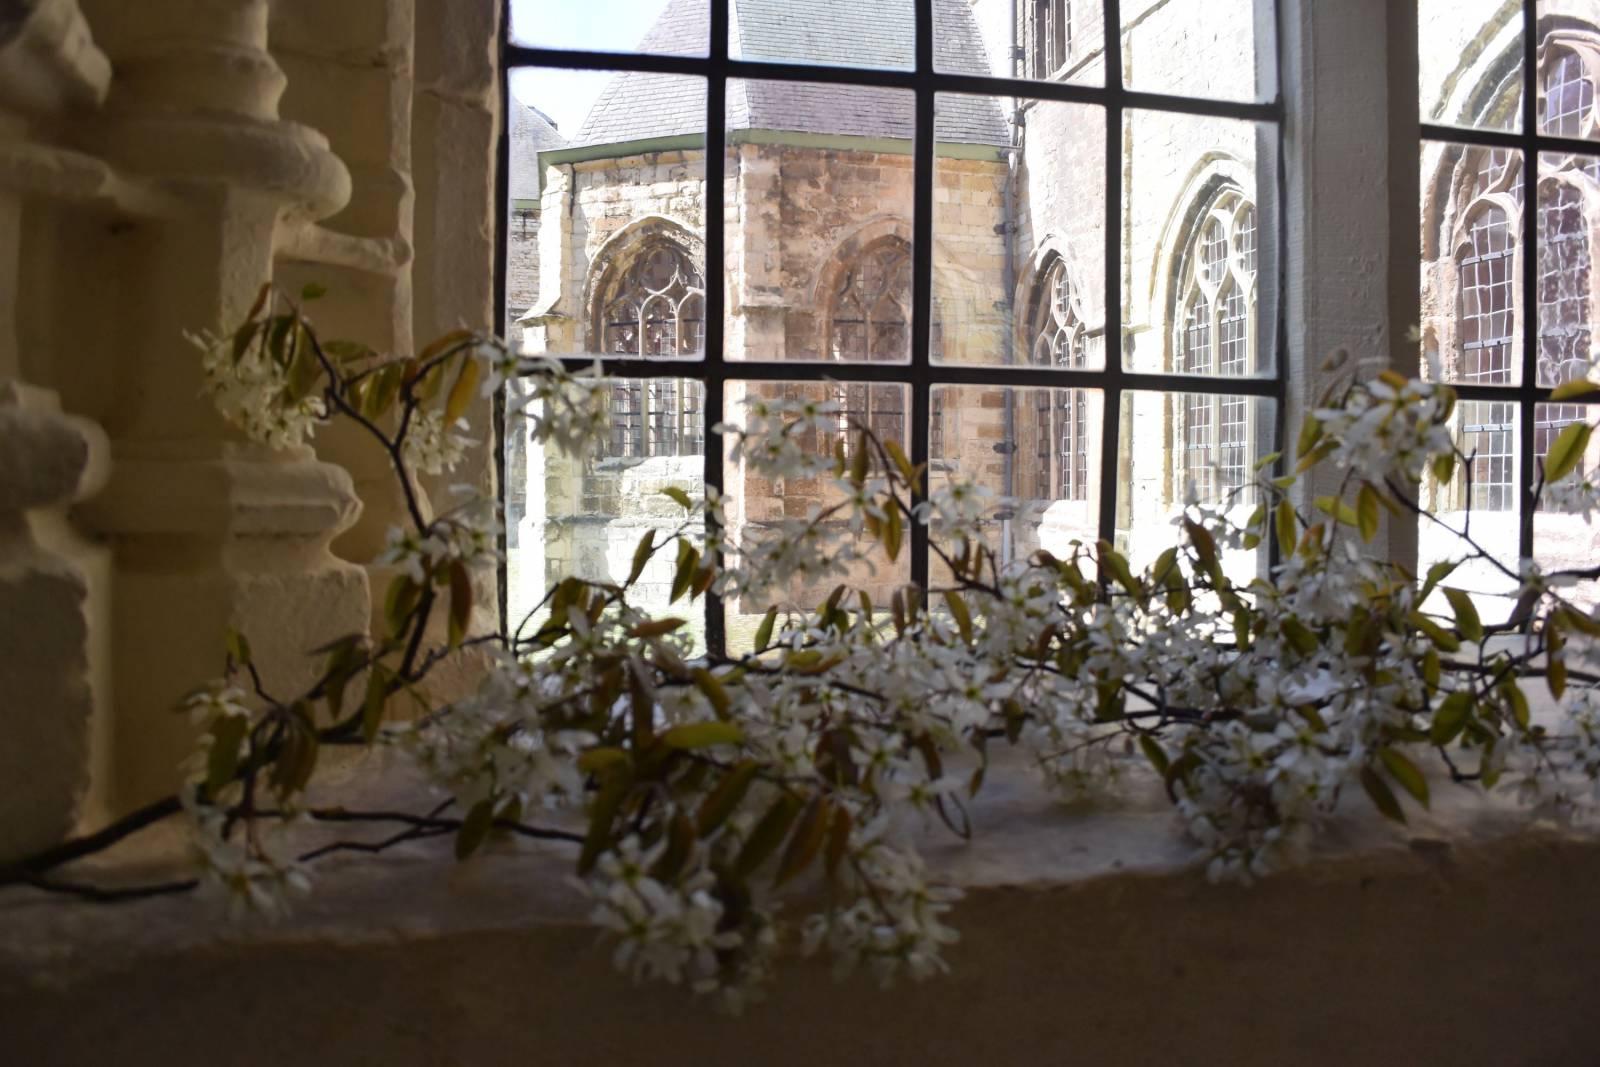 Sint-Pietersabdij - Feestzaal Gent -  House of Weddings - 5